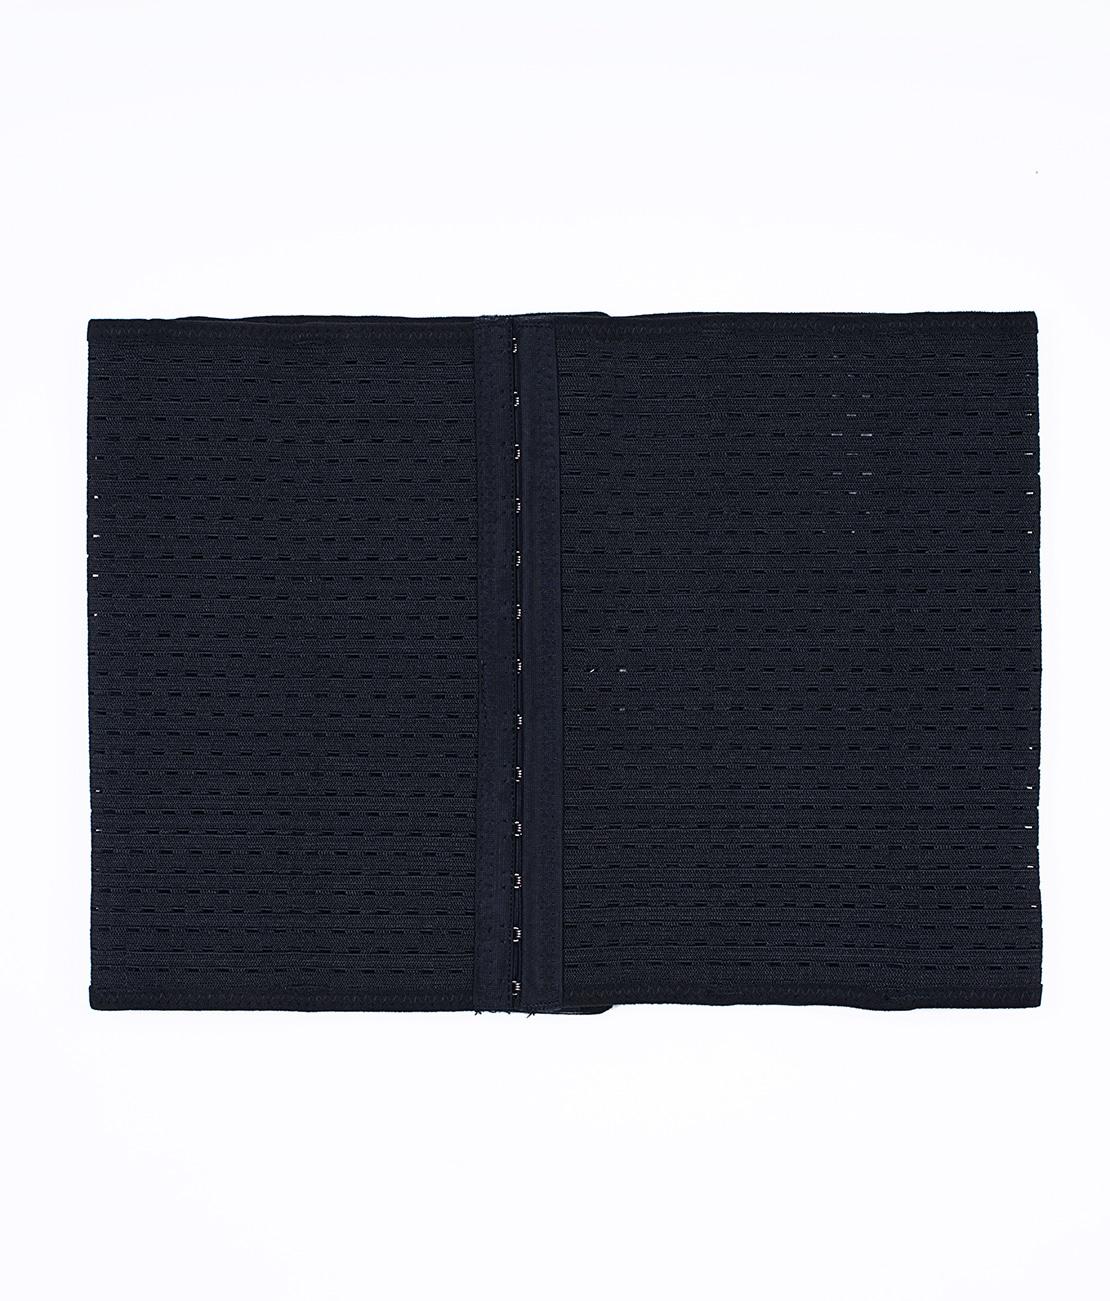 Gaine Taille Fine Noire Packshot Front